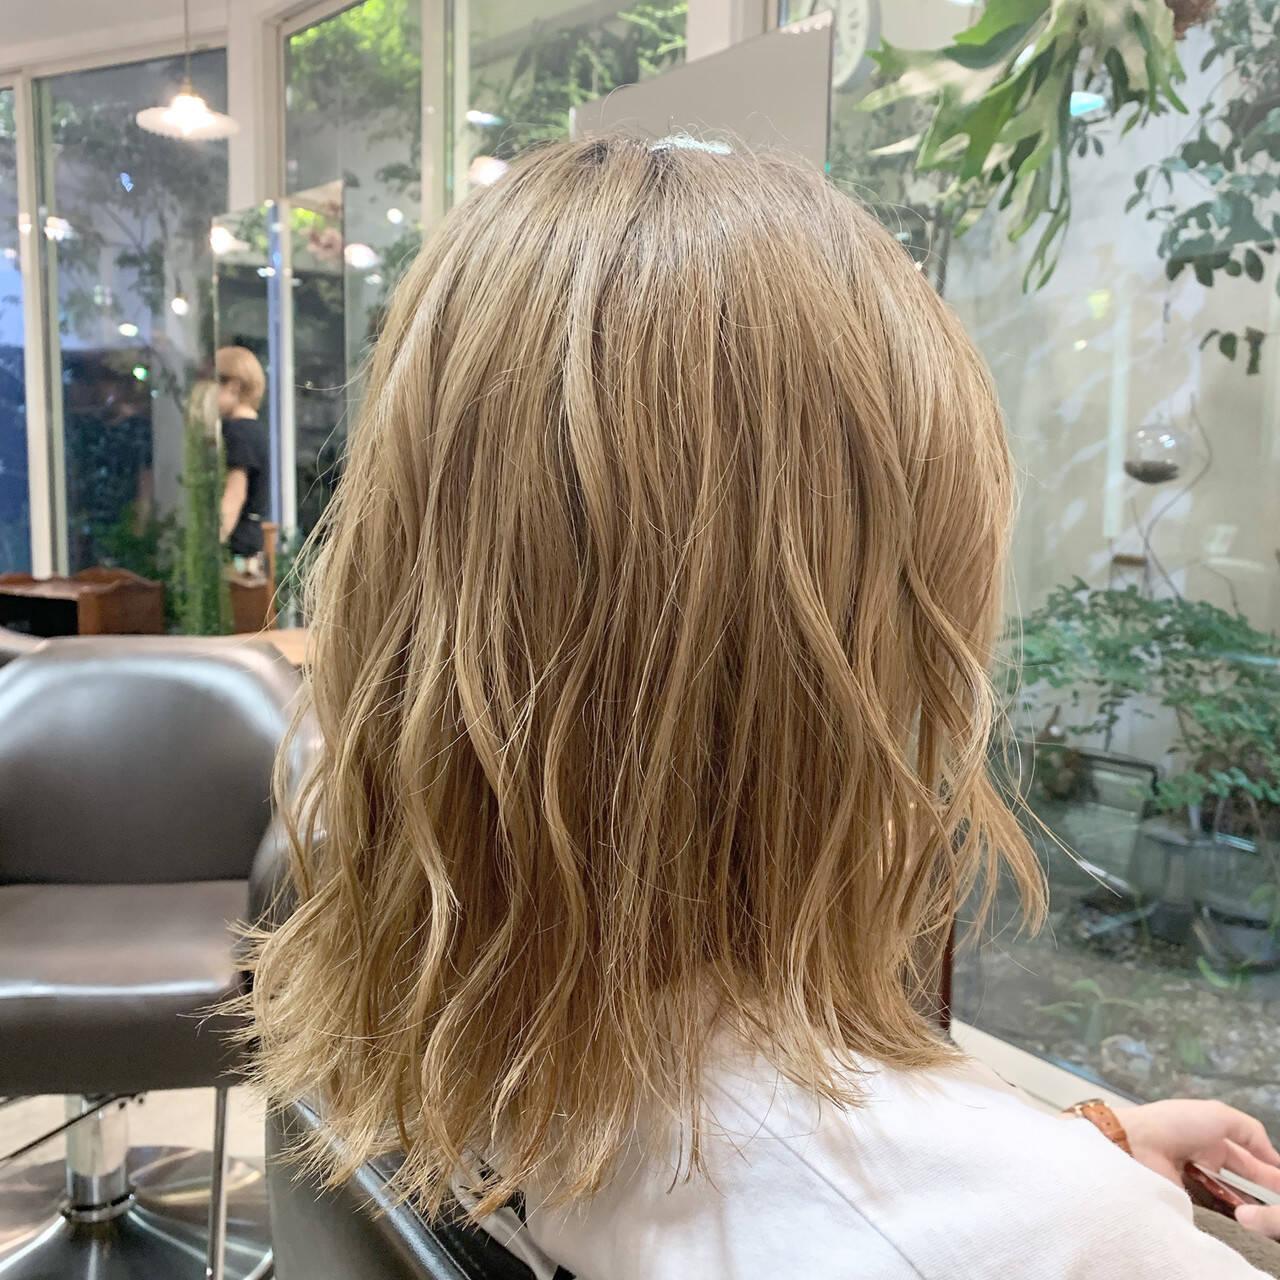 モテボブ ベージュ 大人女子 ボブヘアスタイルや髪型の写真・画像